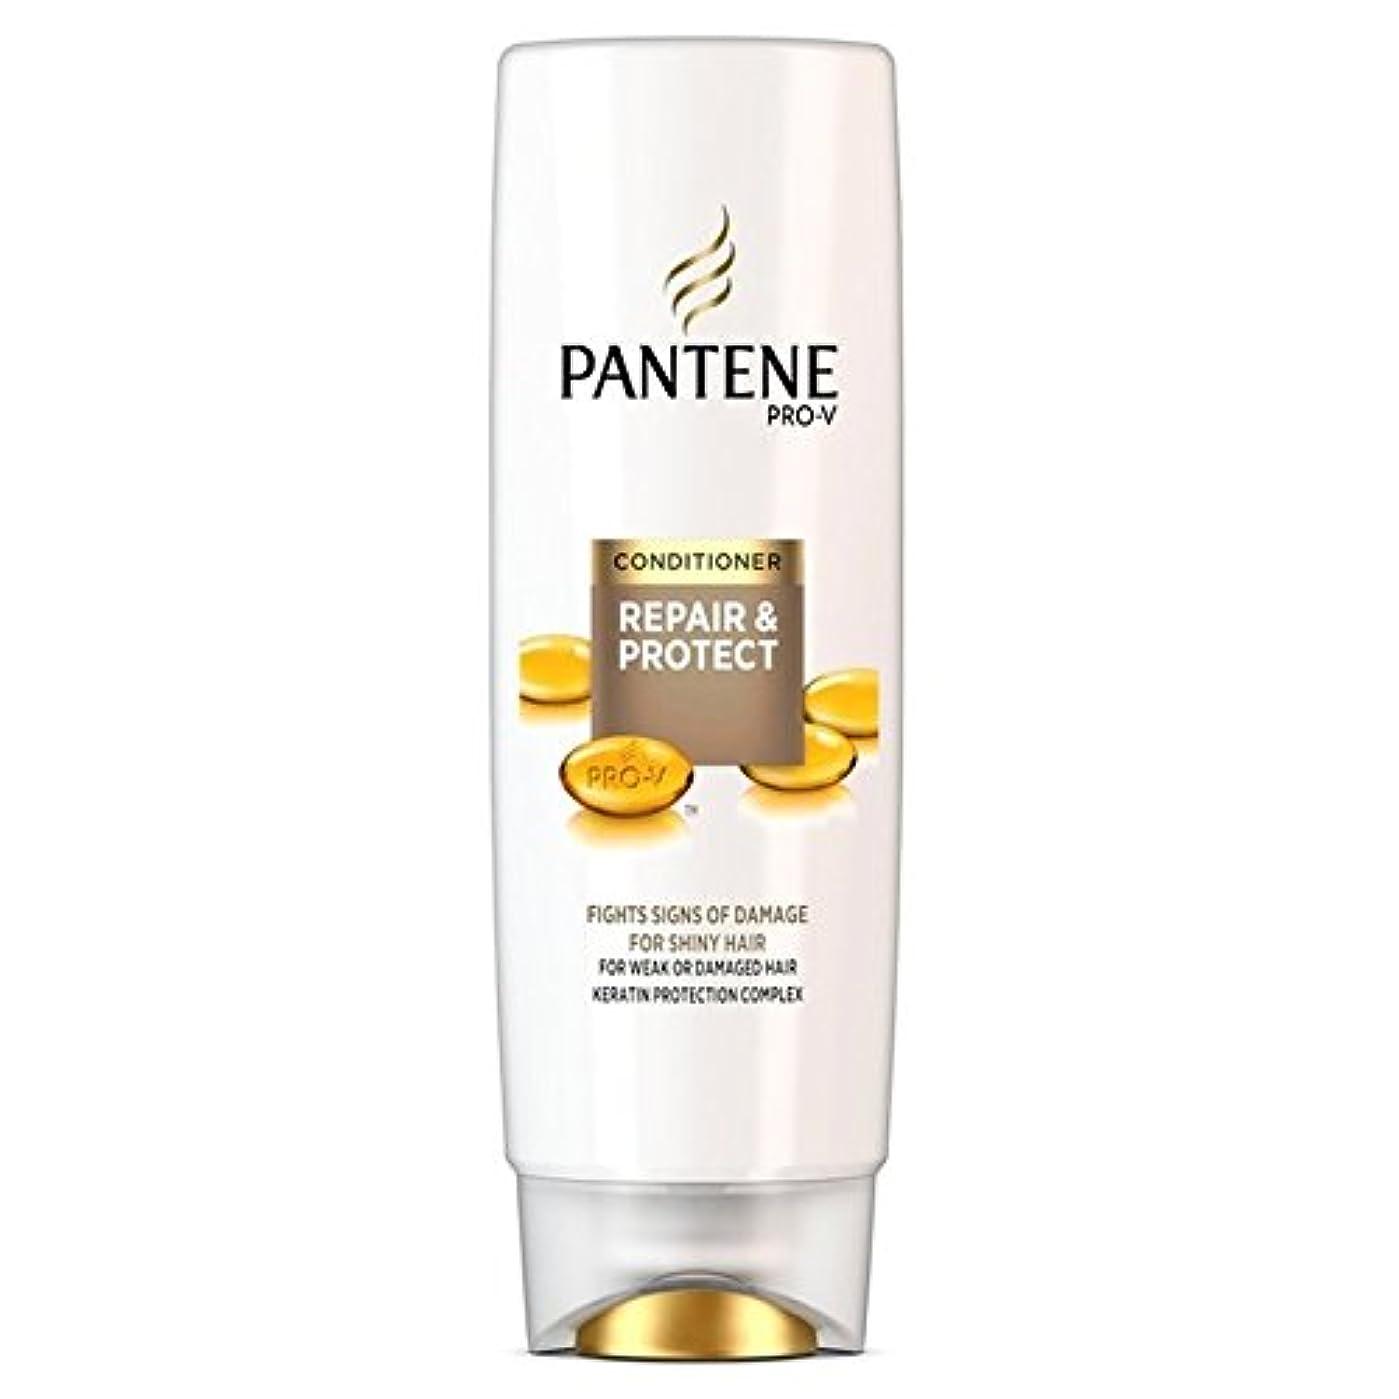 倫理スカイ傾向があるPantene Conditioner Repair & Protect For Weak Or Damaged Hair 250ml (Pack of 6) - パンテーンコンディショナーの修理&弱いか、傷んだ髪の250ミリリットルのための保護 x6 [並行輸入品]